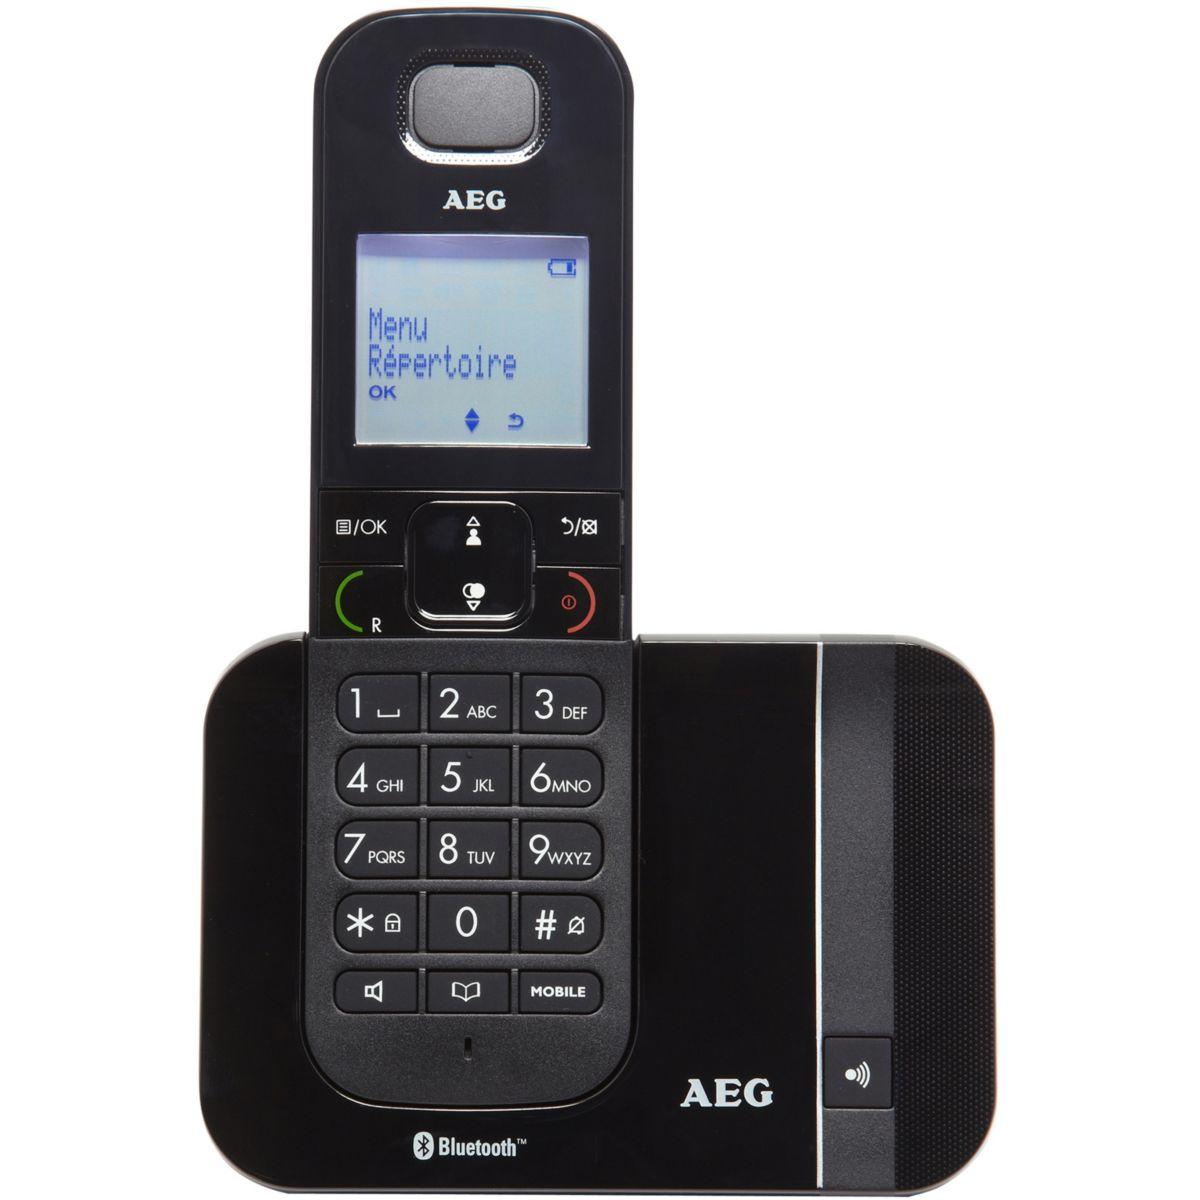 T?l?phone sans fil aeg voxtel d550bt solo noir - 10% de remise imm?diate avec le code : wd10